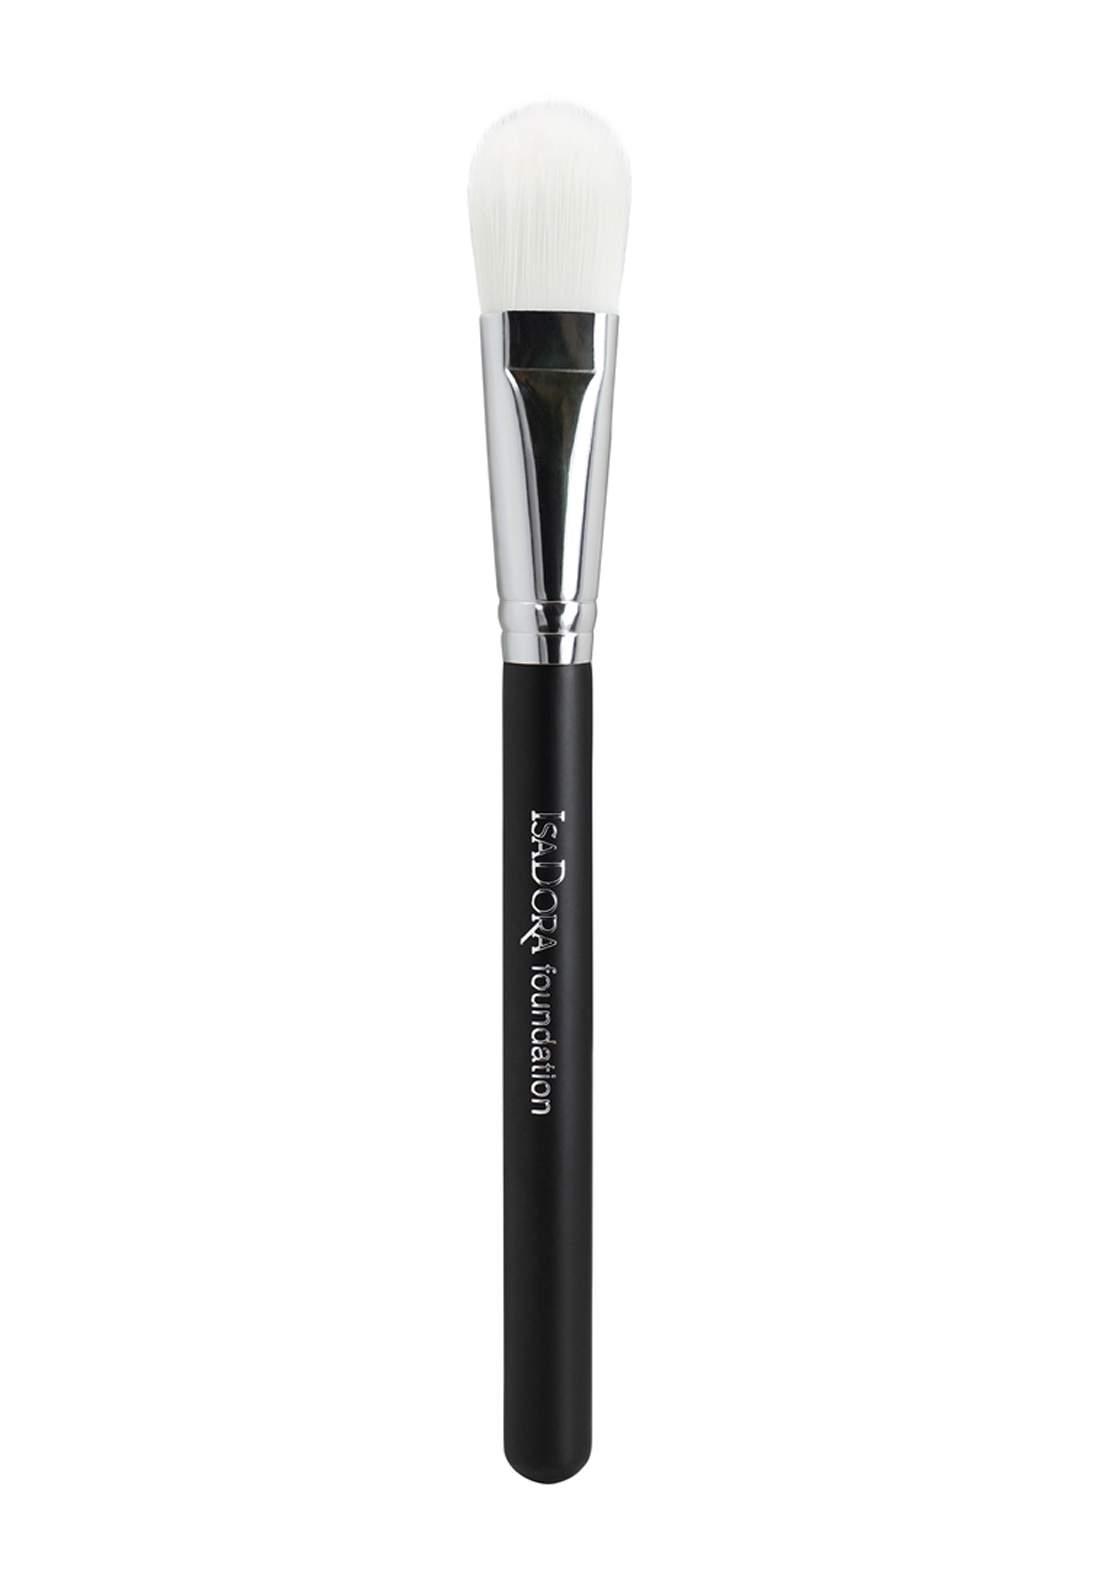 314179 Isadora Accessories - Foundation Brush فرشاة الأساس